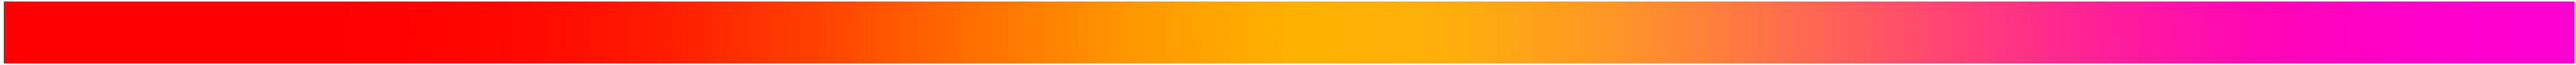 2021影像上海艺术博览会公布参展画廊名单!  PHOTOFAIRS 画廊 影像 上海艺术博览会 名单 康迪达 赫弗 Candida fer 普瓦西萨伏伊 别墅 崇真艺客